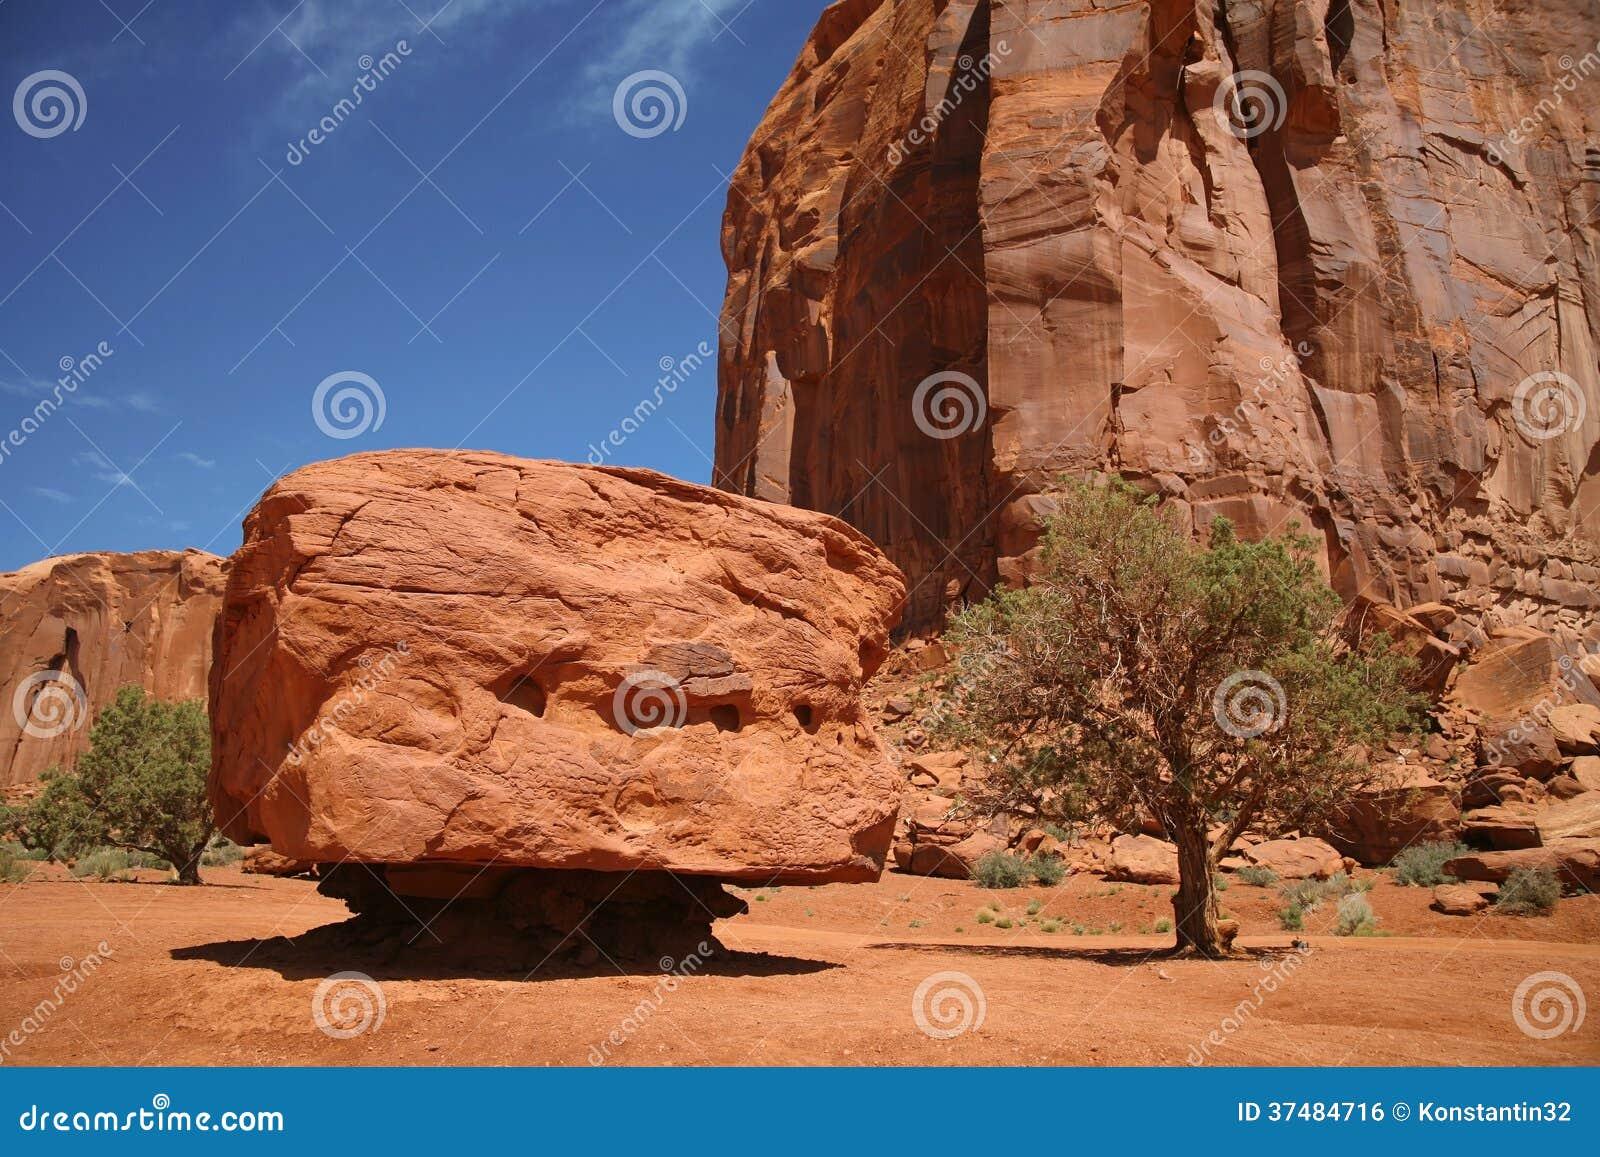 Parc national de vallée de monument, désert en Utah, Etats-Unis